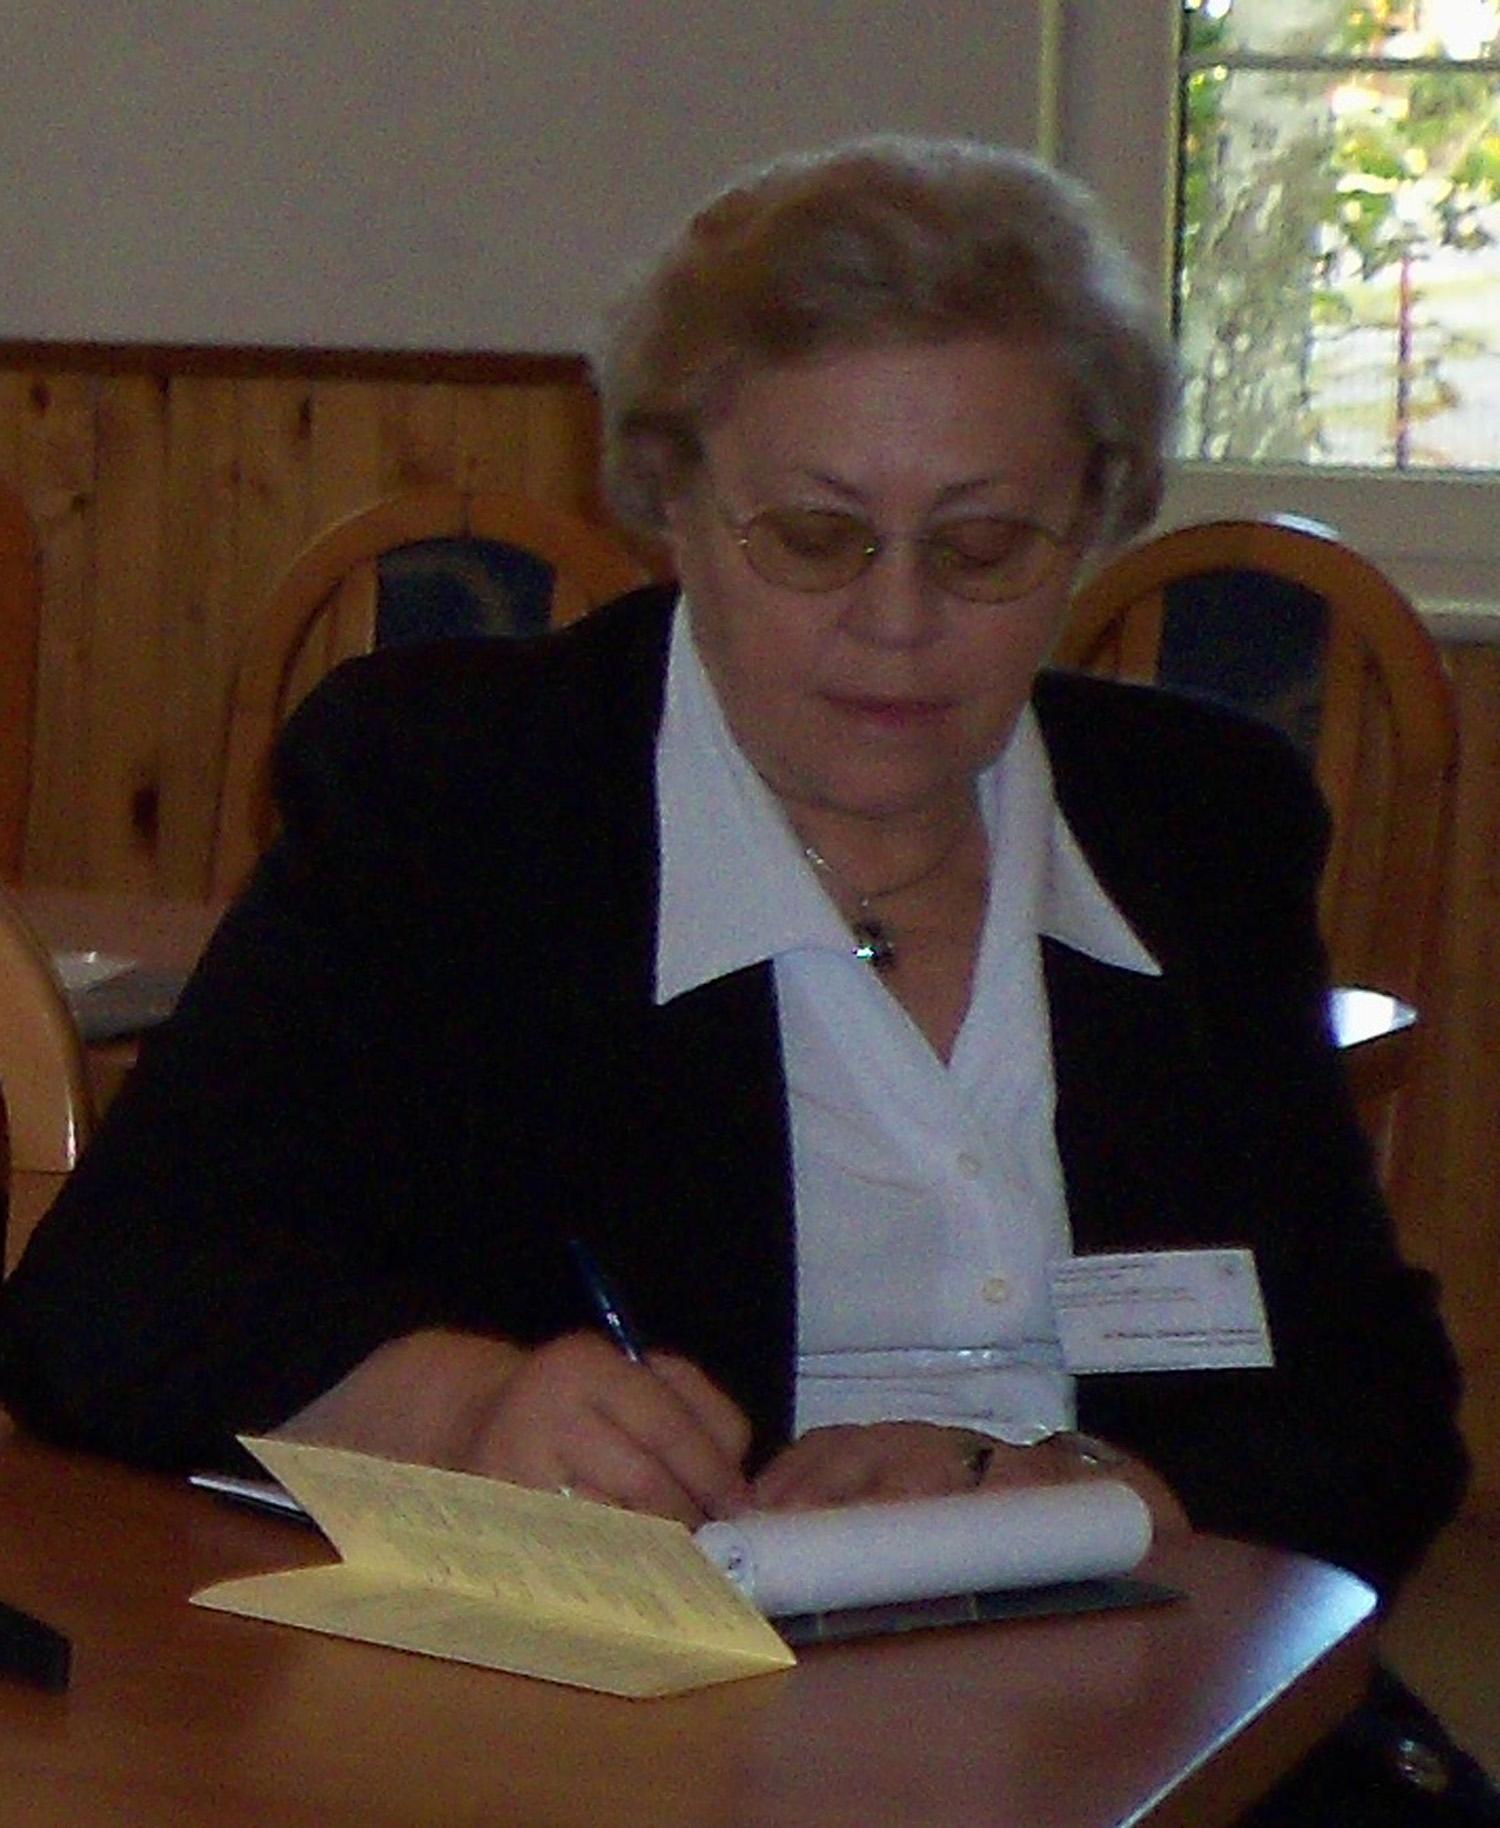 Zmarła dr Bożena Zinkiewicz-Tomanek, emerytowany adiunkt Instytutu Filologii Wschodniosłowiańskiej Uniwersytetu Jagiellońskiego